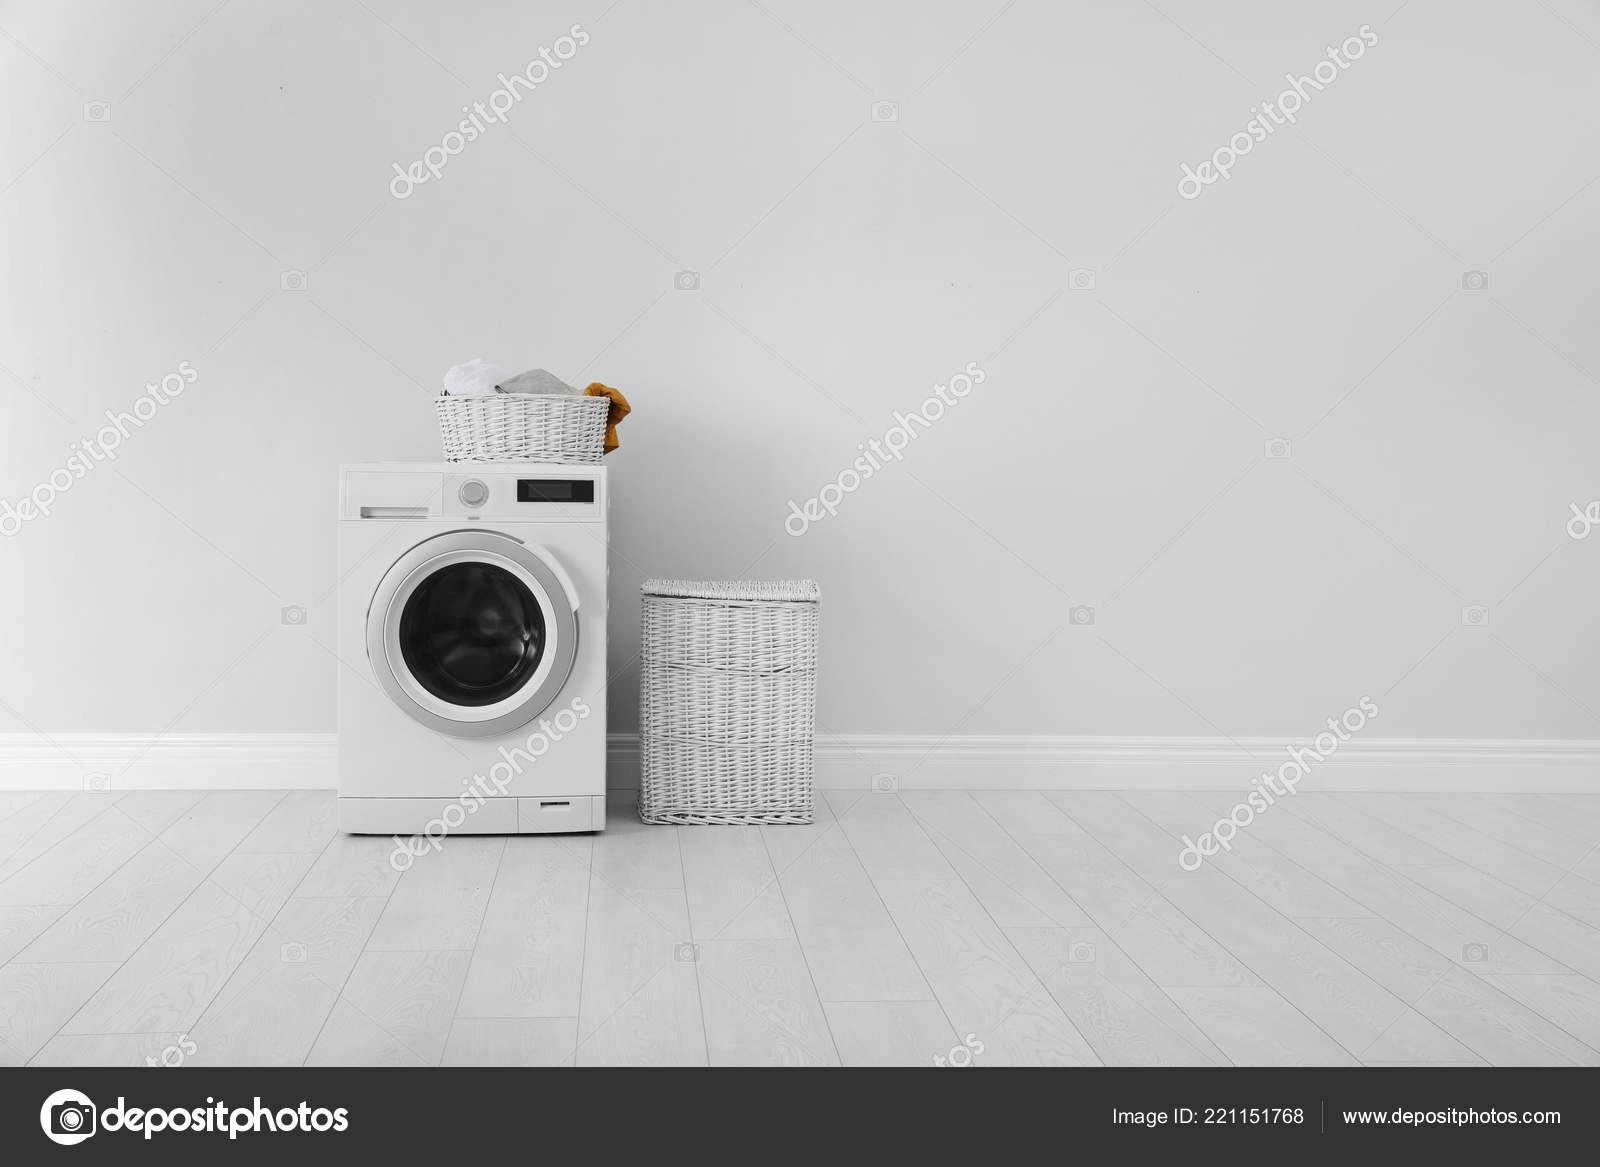 Wasserij kamer interieur met wasmachine buurt van muur u stockfoto